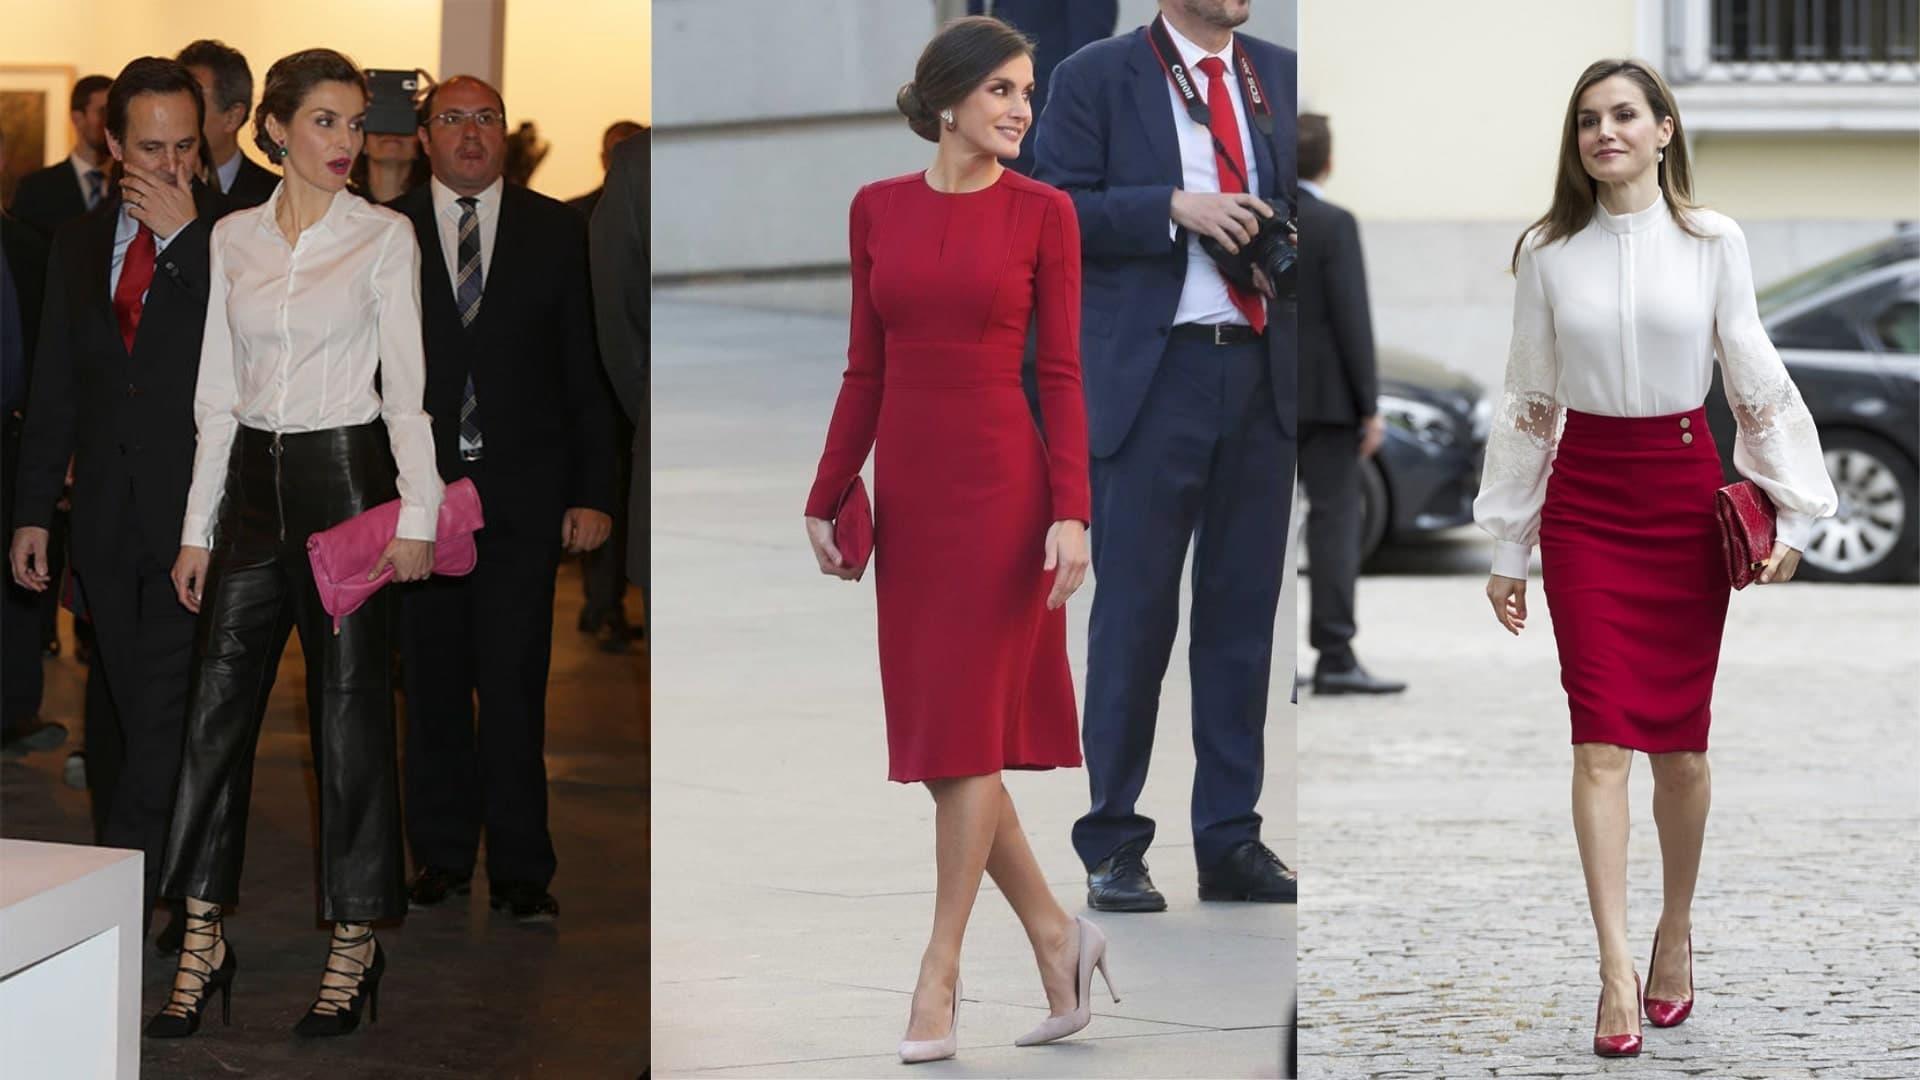 Gọi tên những biểu tượng thời trang Hoàng gia thế giới, có người mặc đẹp lấn át Công nương Kate - 13